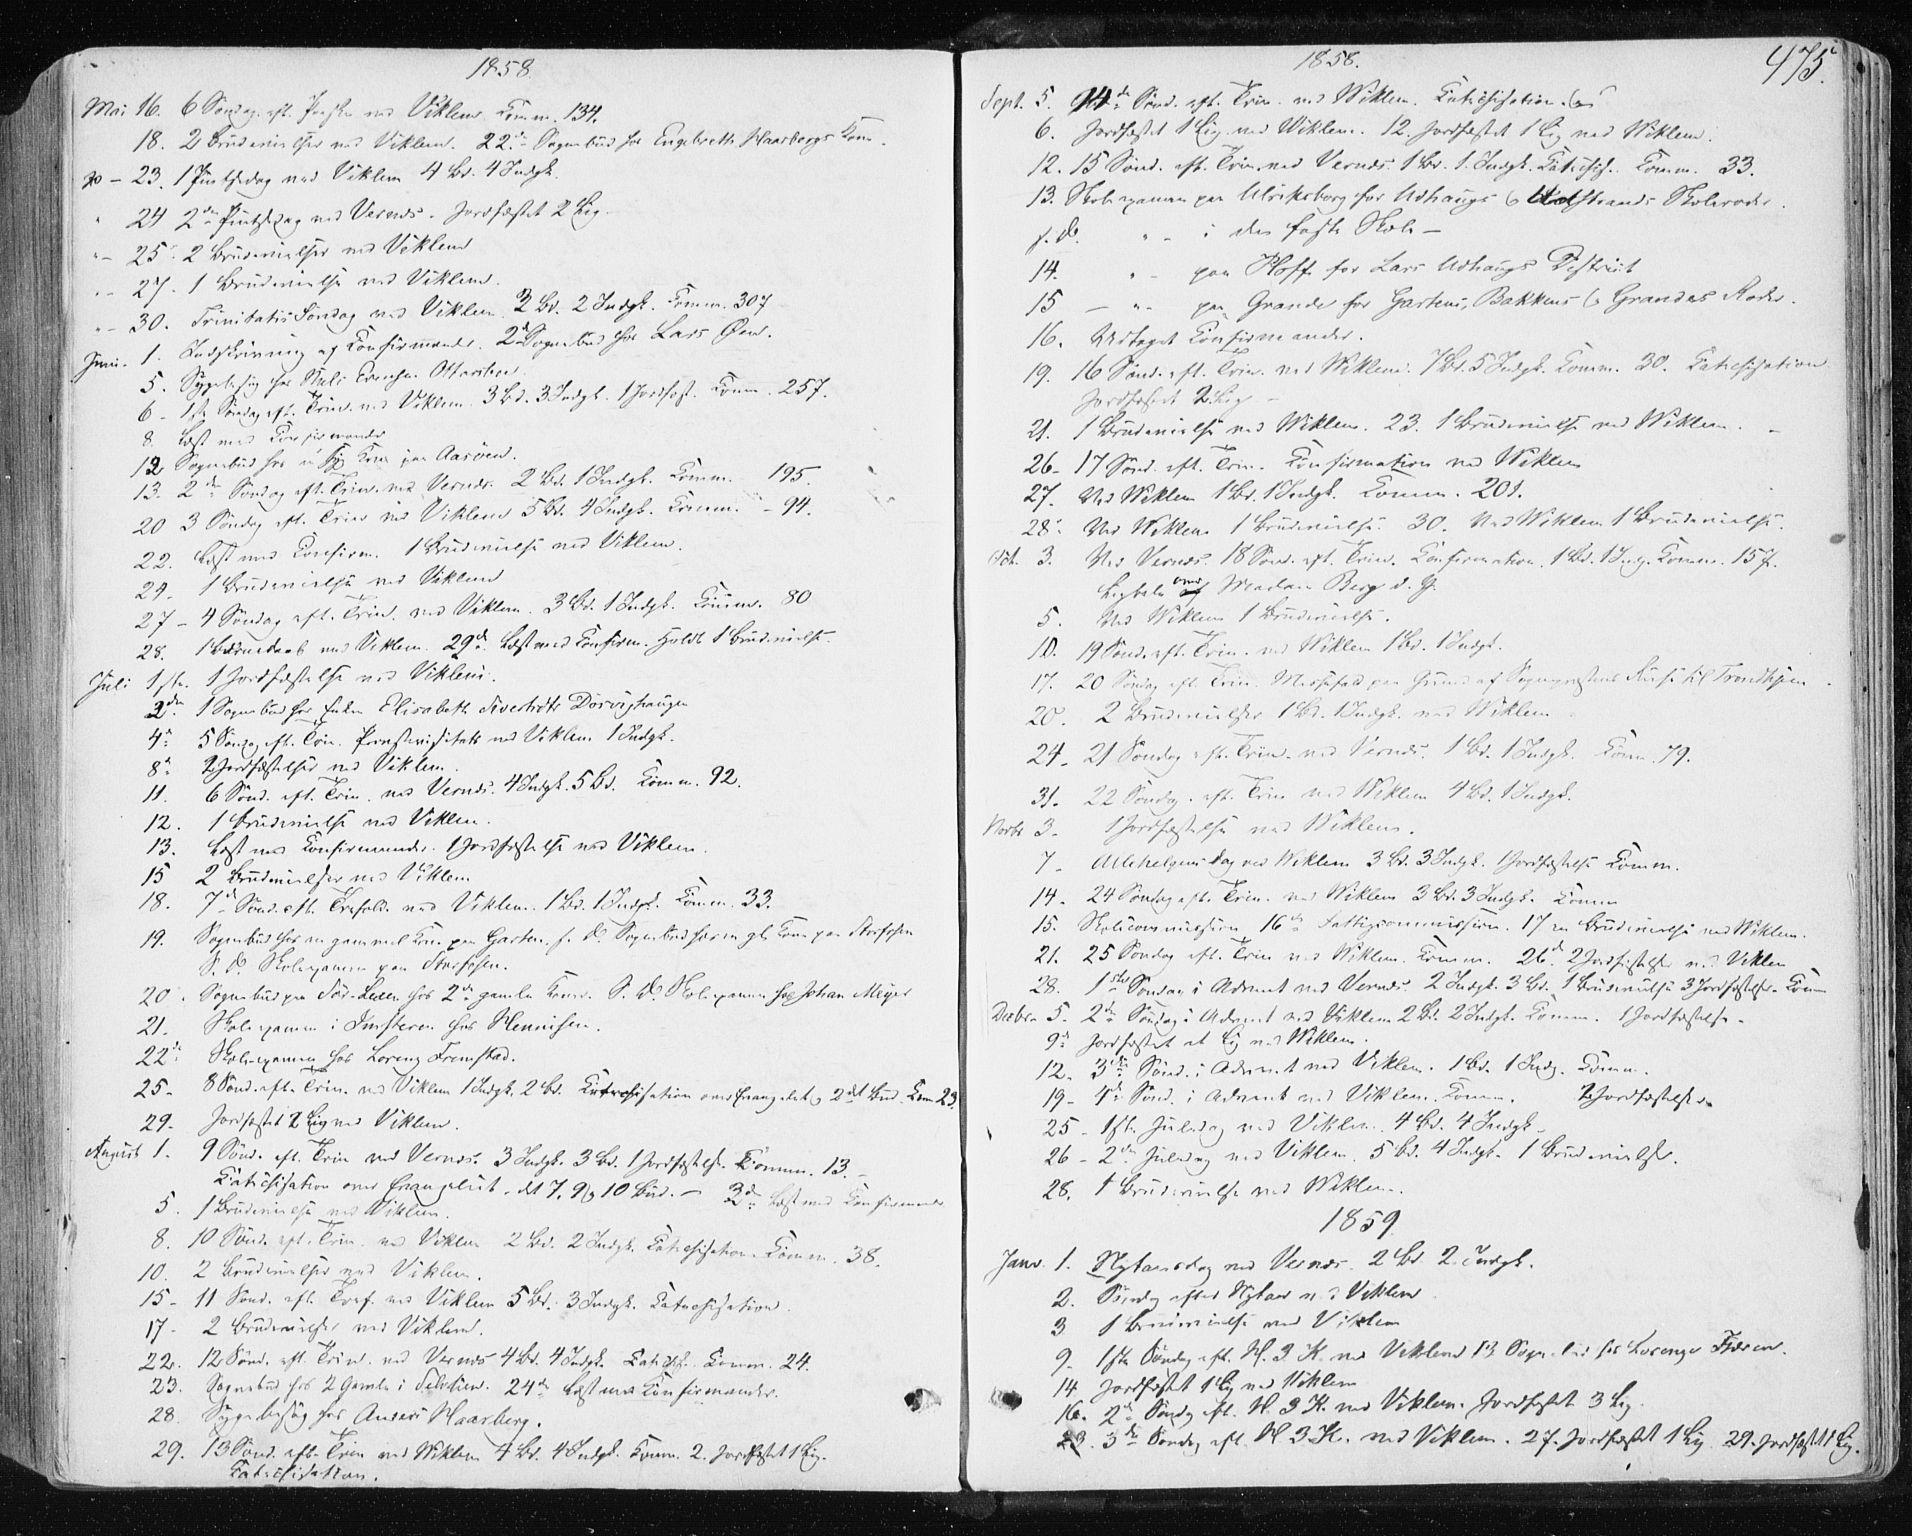 SAT, Ministerialprotokoller, klokkerbøker og fødselsregistre - Sør-Trøndelag, 659/L0737: Ministerialbok nr. 659A07, 1857-1875, s. 475